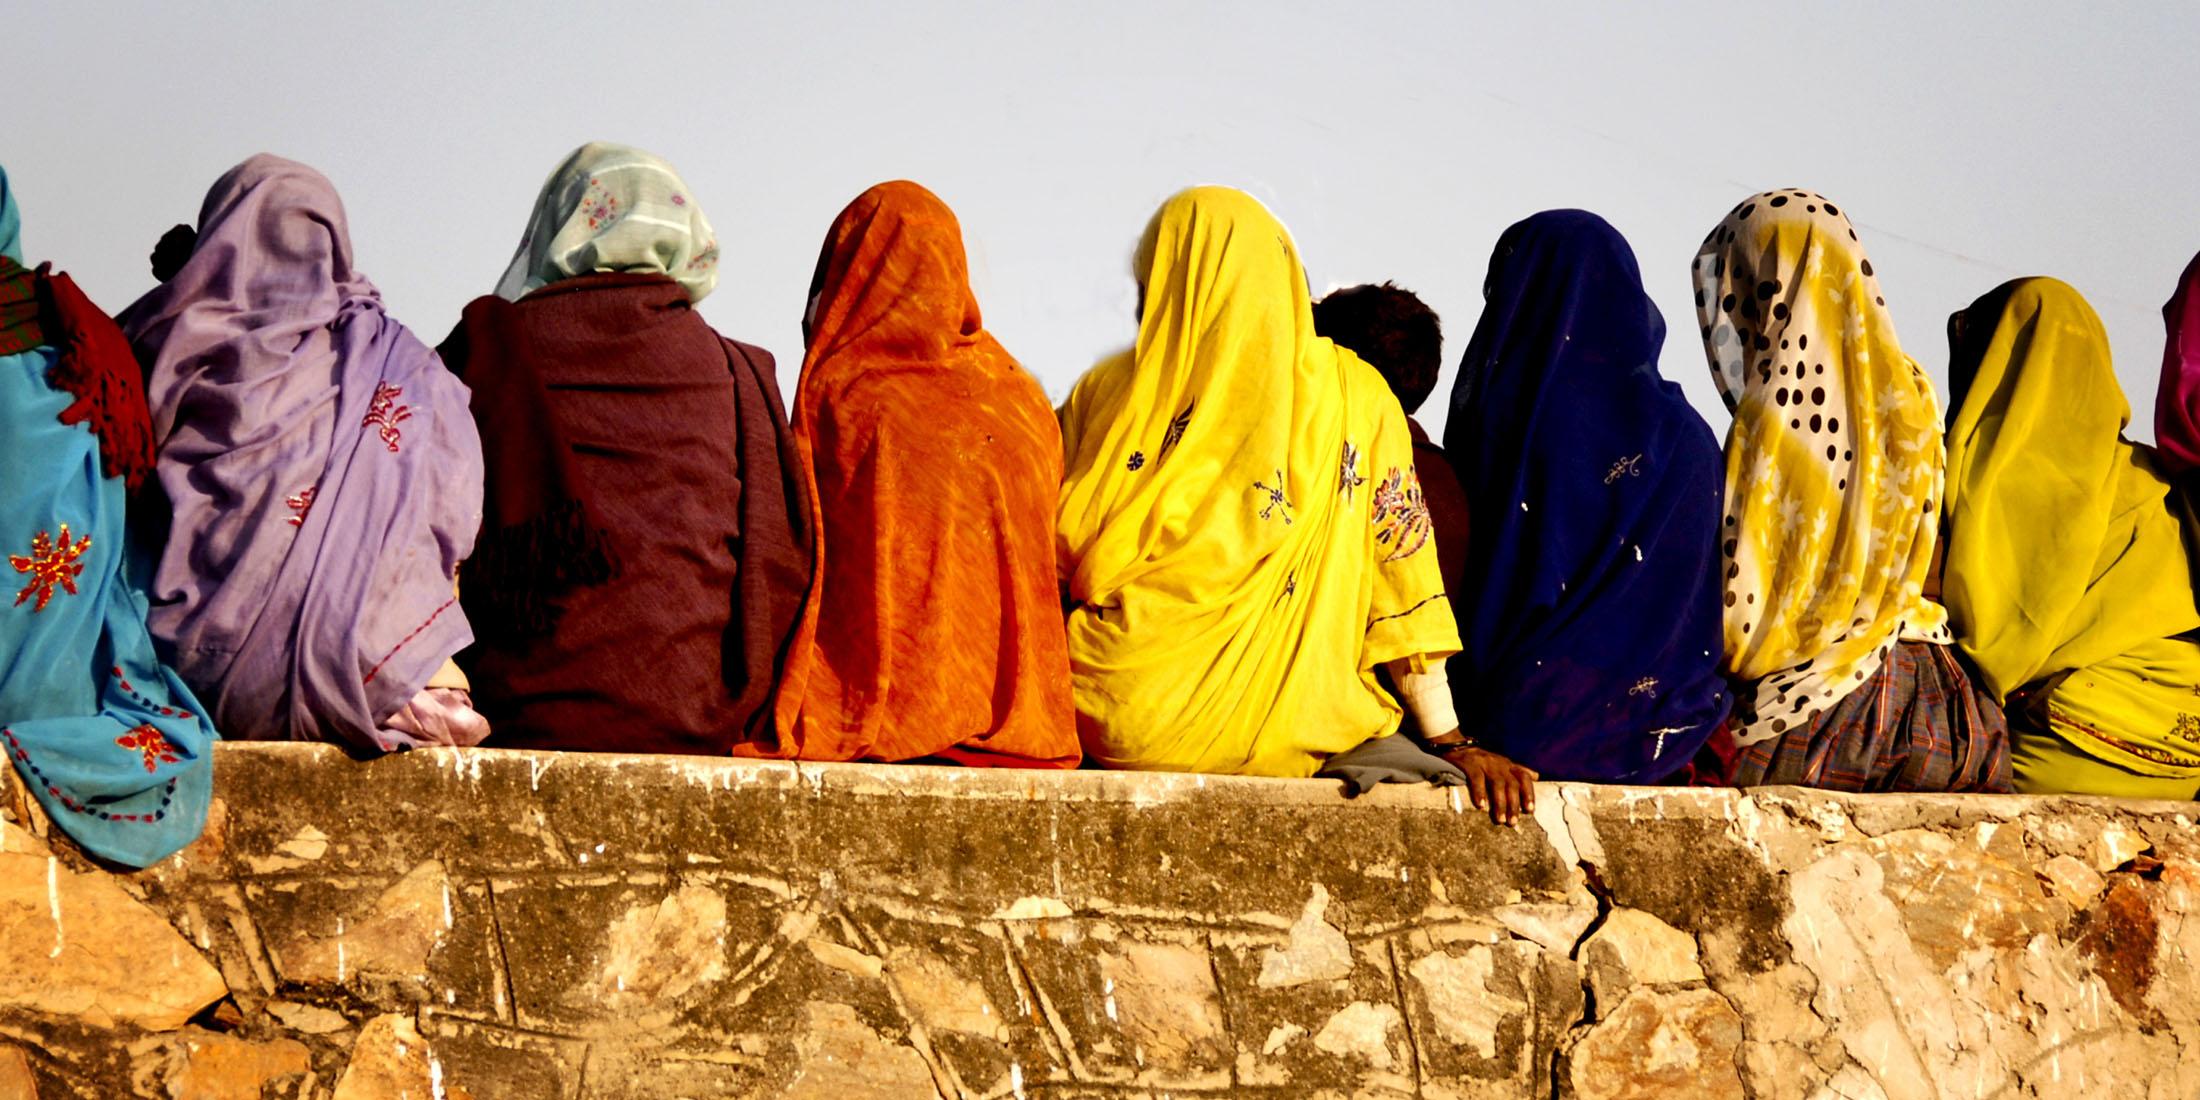 Seated ladies